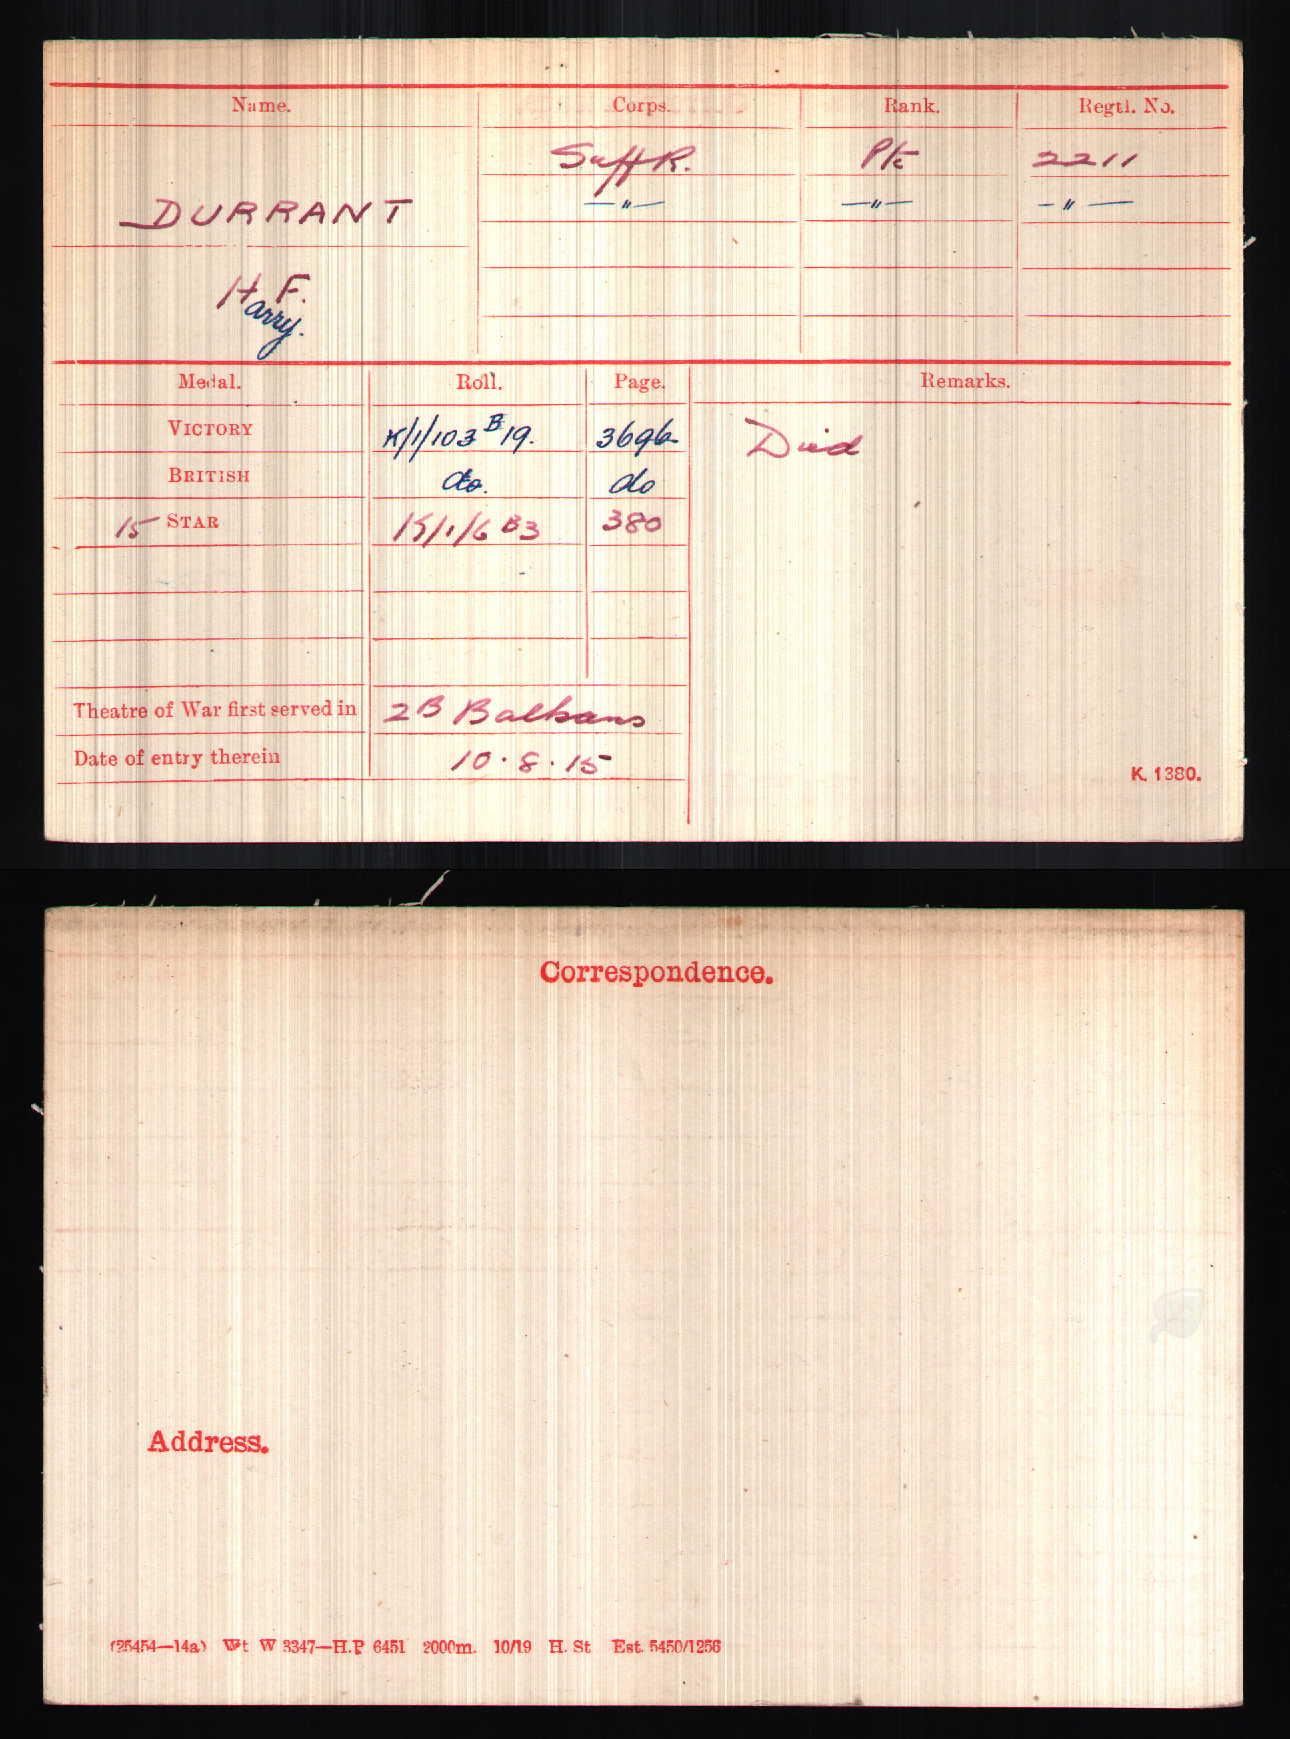 HF Durrant medal card.jpg